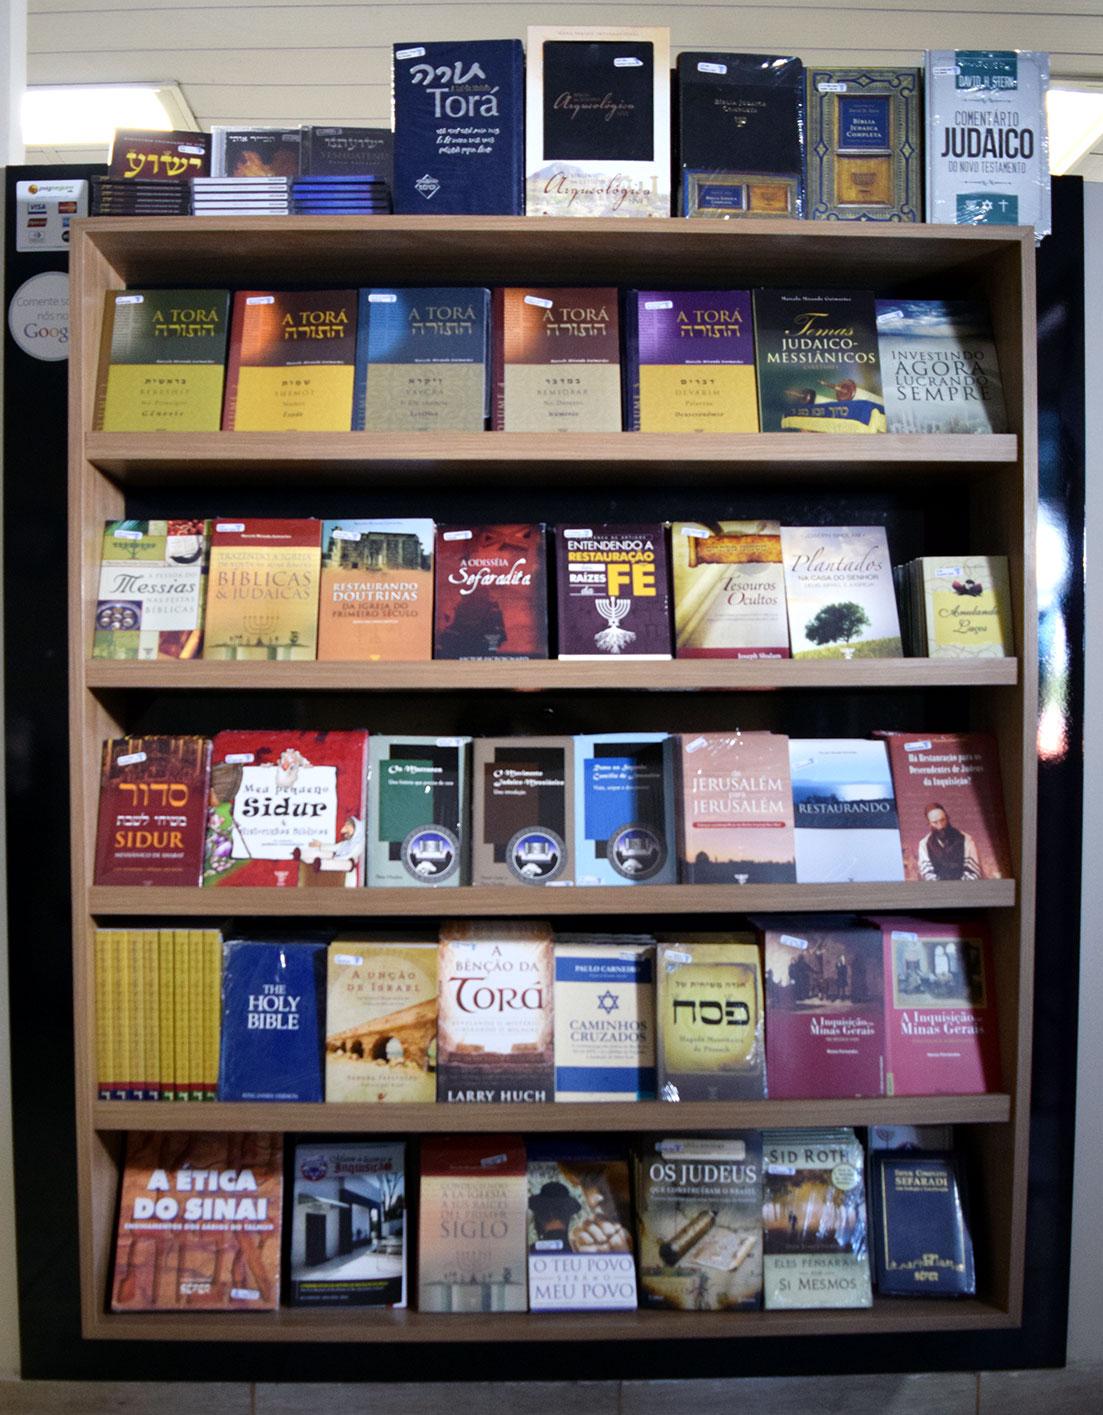 Algumas das literaturas escritas e publicadas pelo Ensinando de Sião.